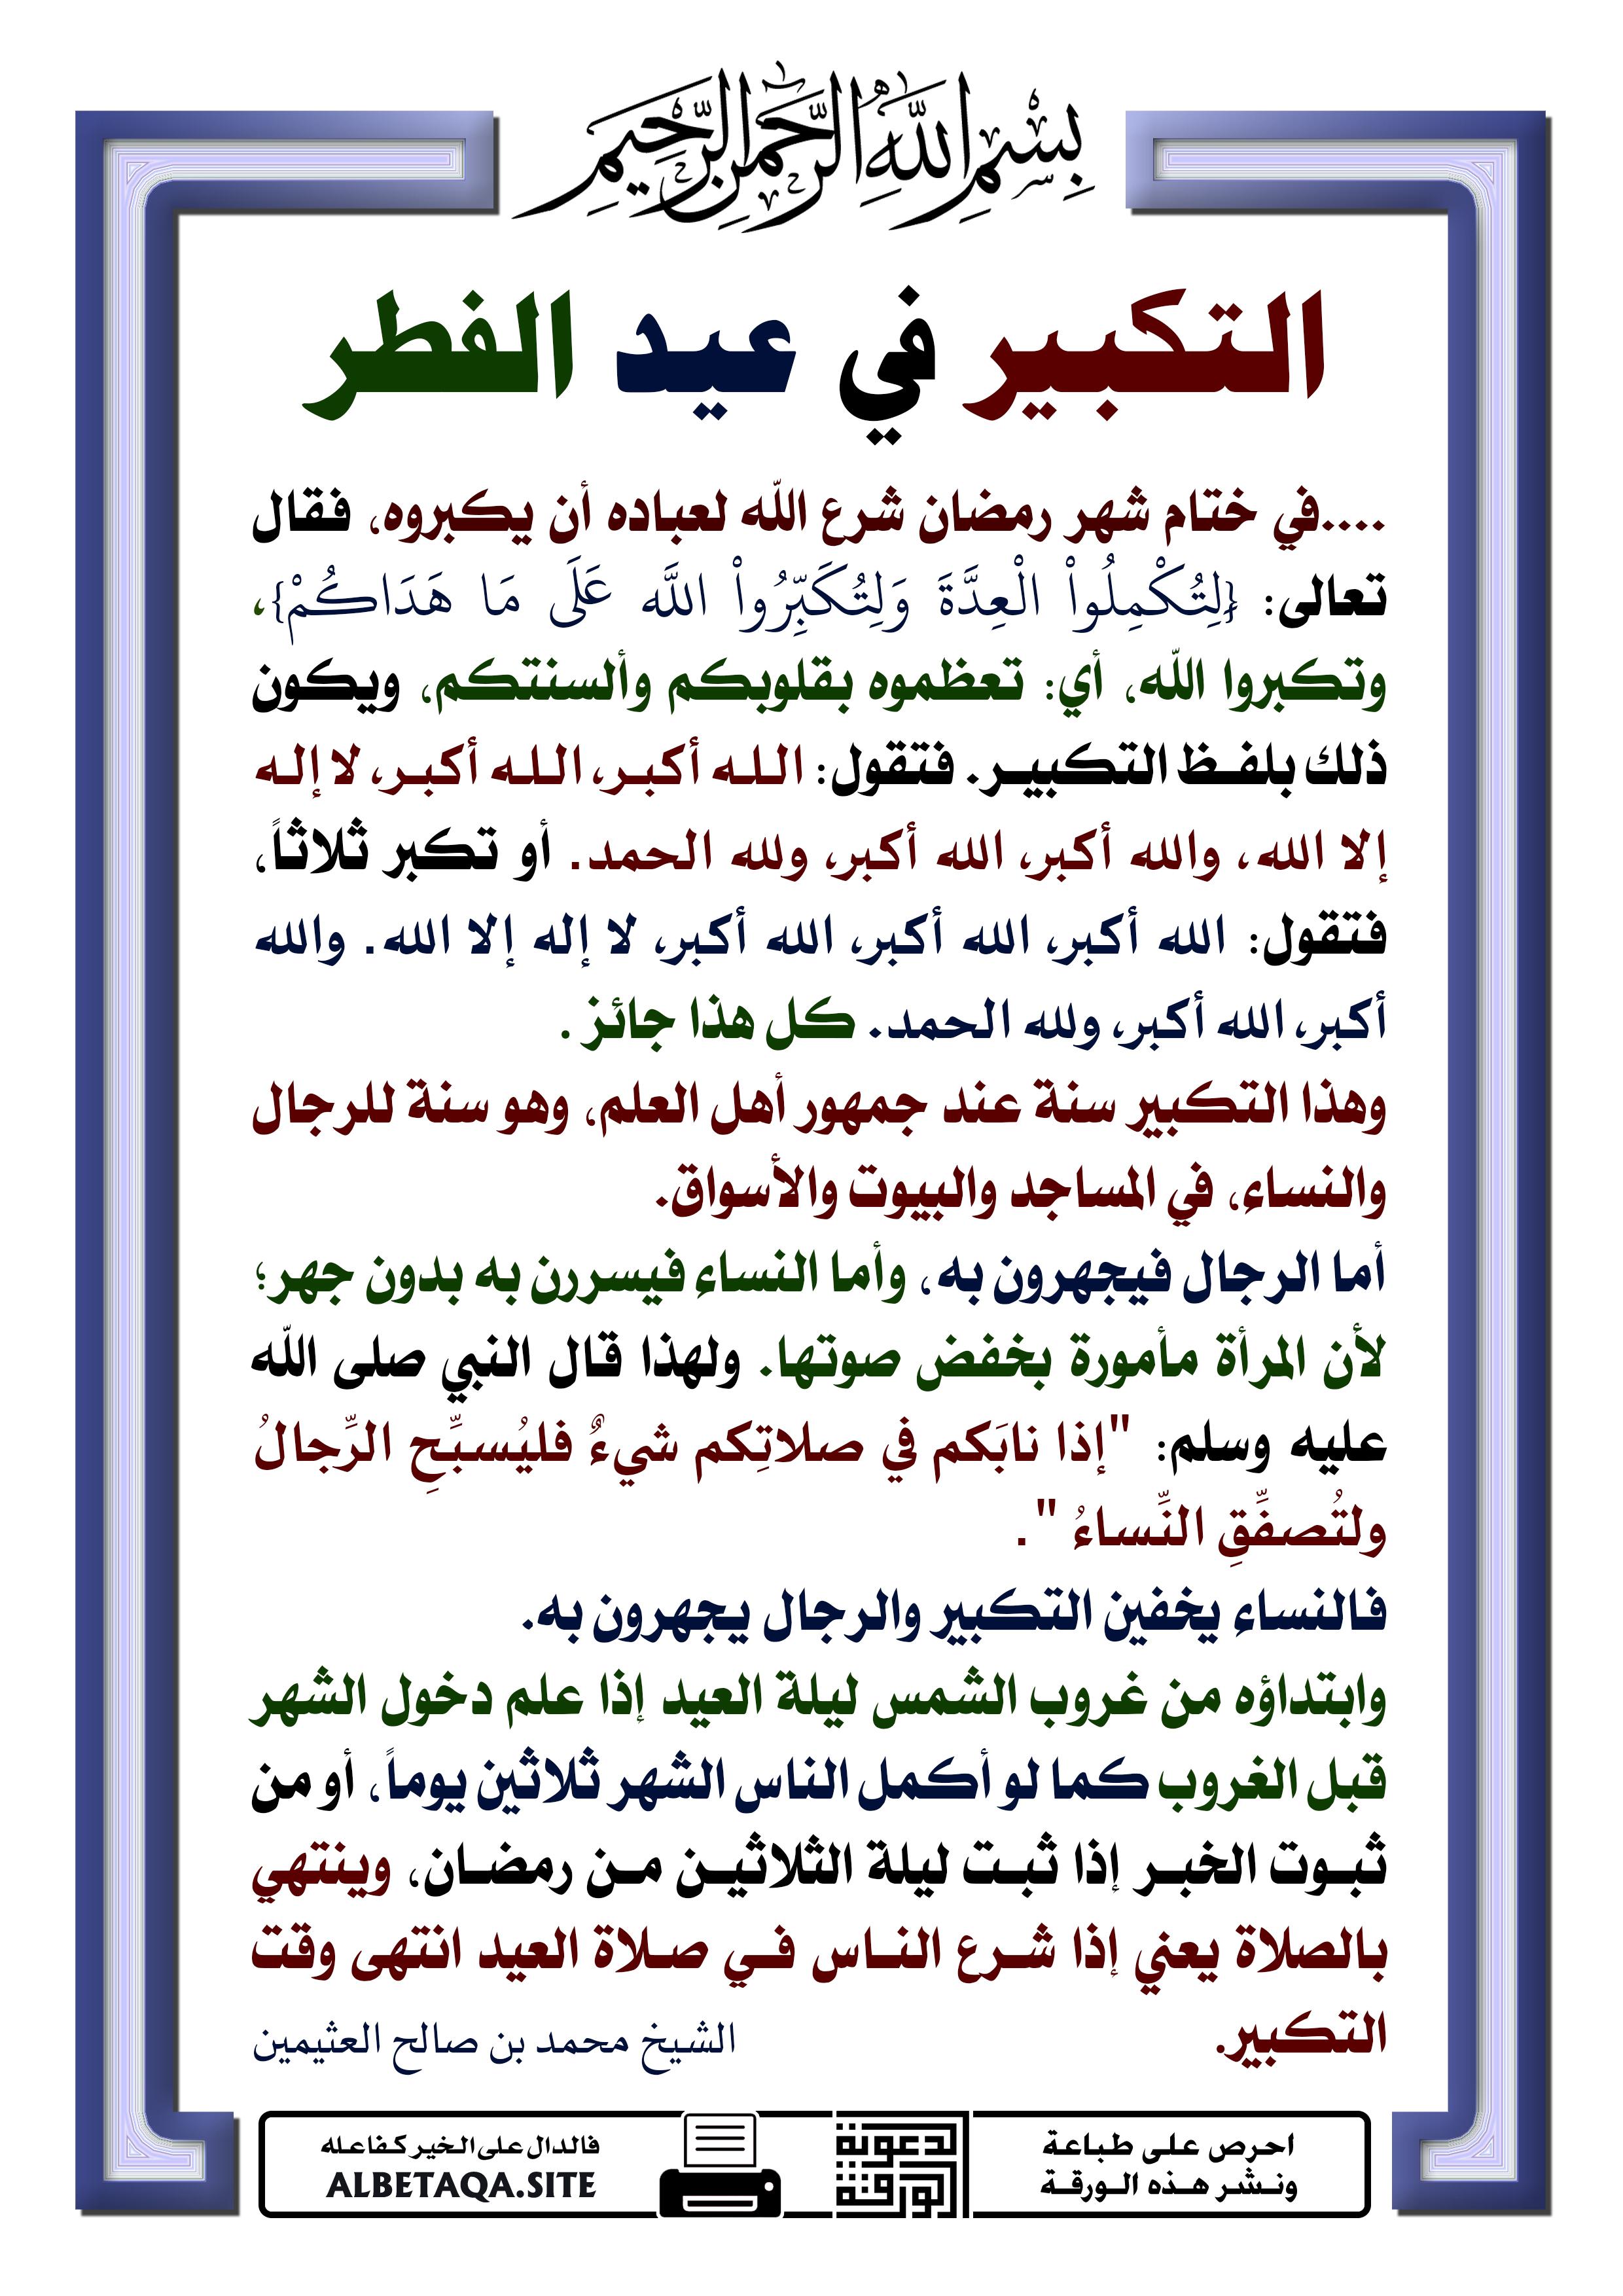 التكبير في عيد الفطر موقع البطاقة الدعوي